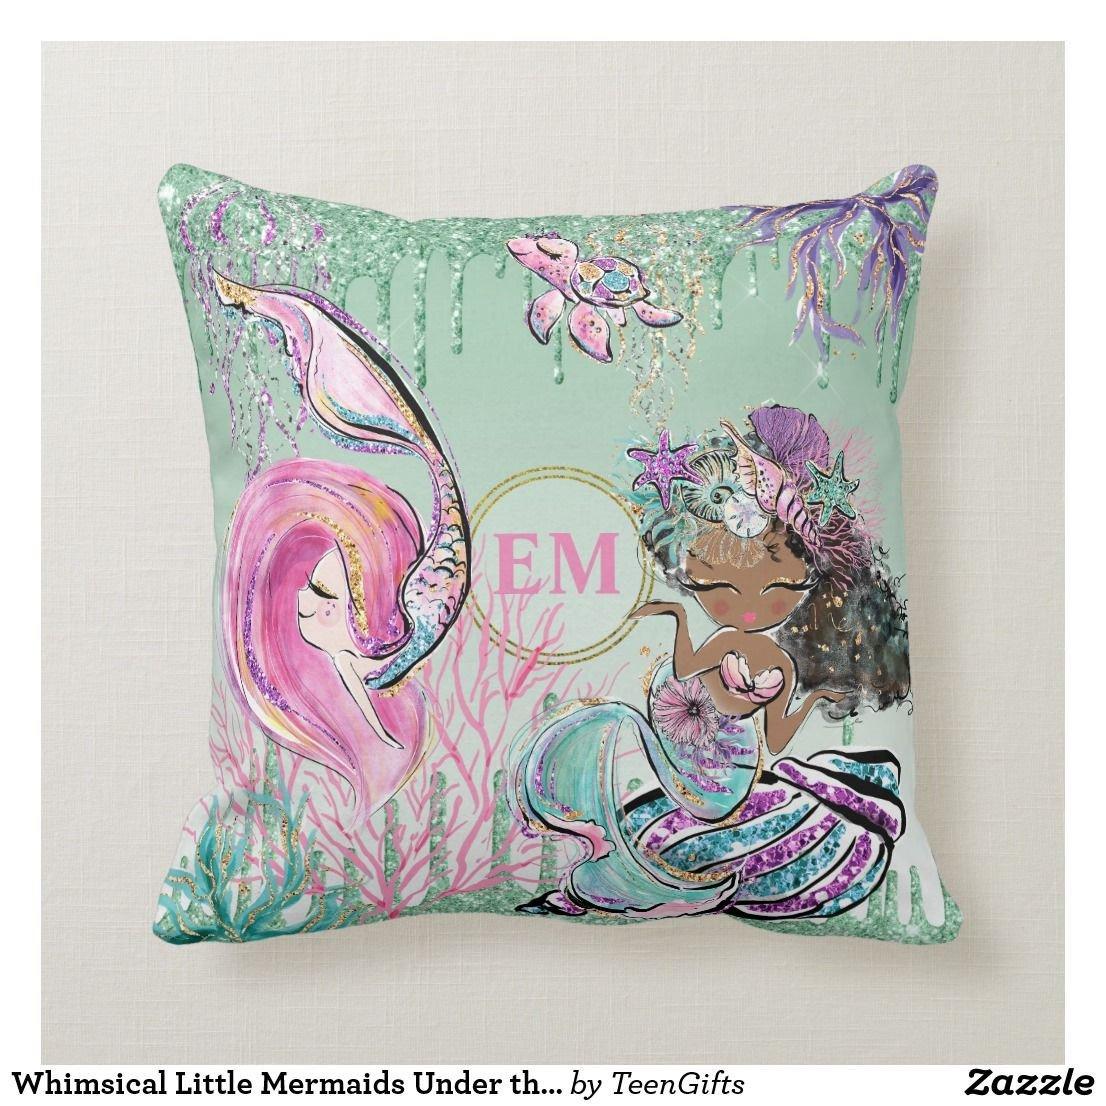 Little Mermaid Bedroom Set Best Of Whimsical Little Mermaids Under the Sea Monogram Throw